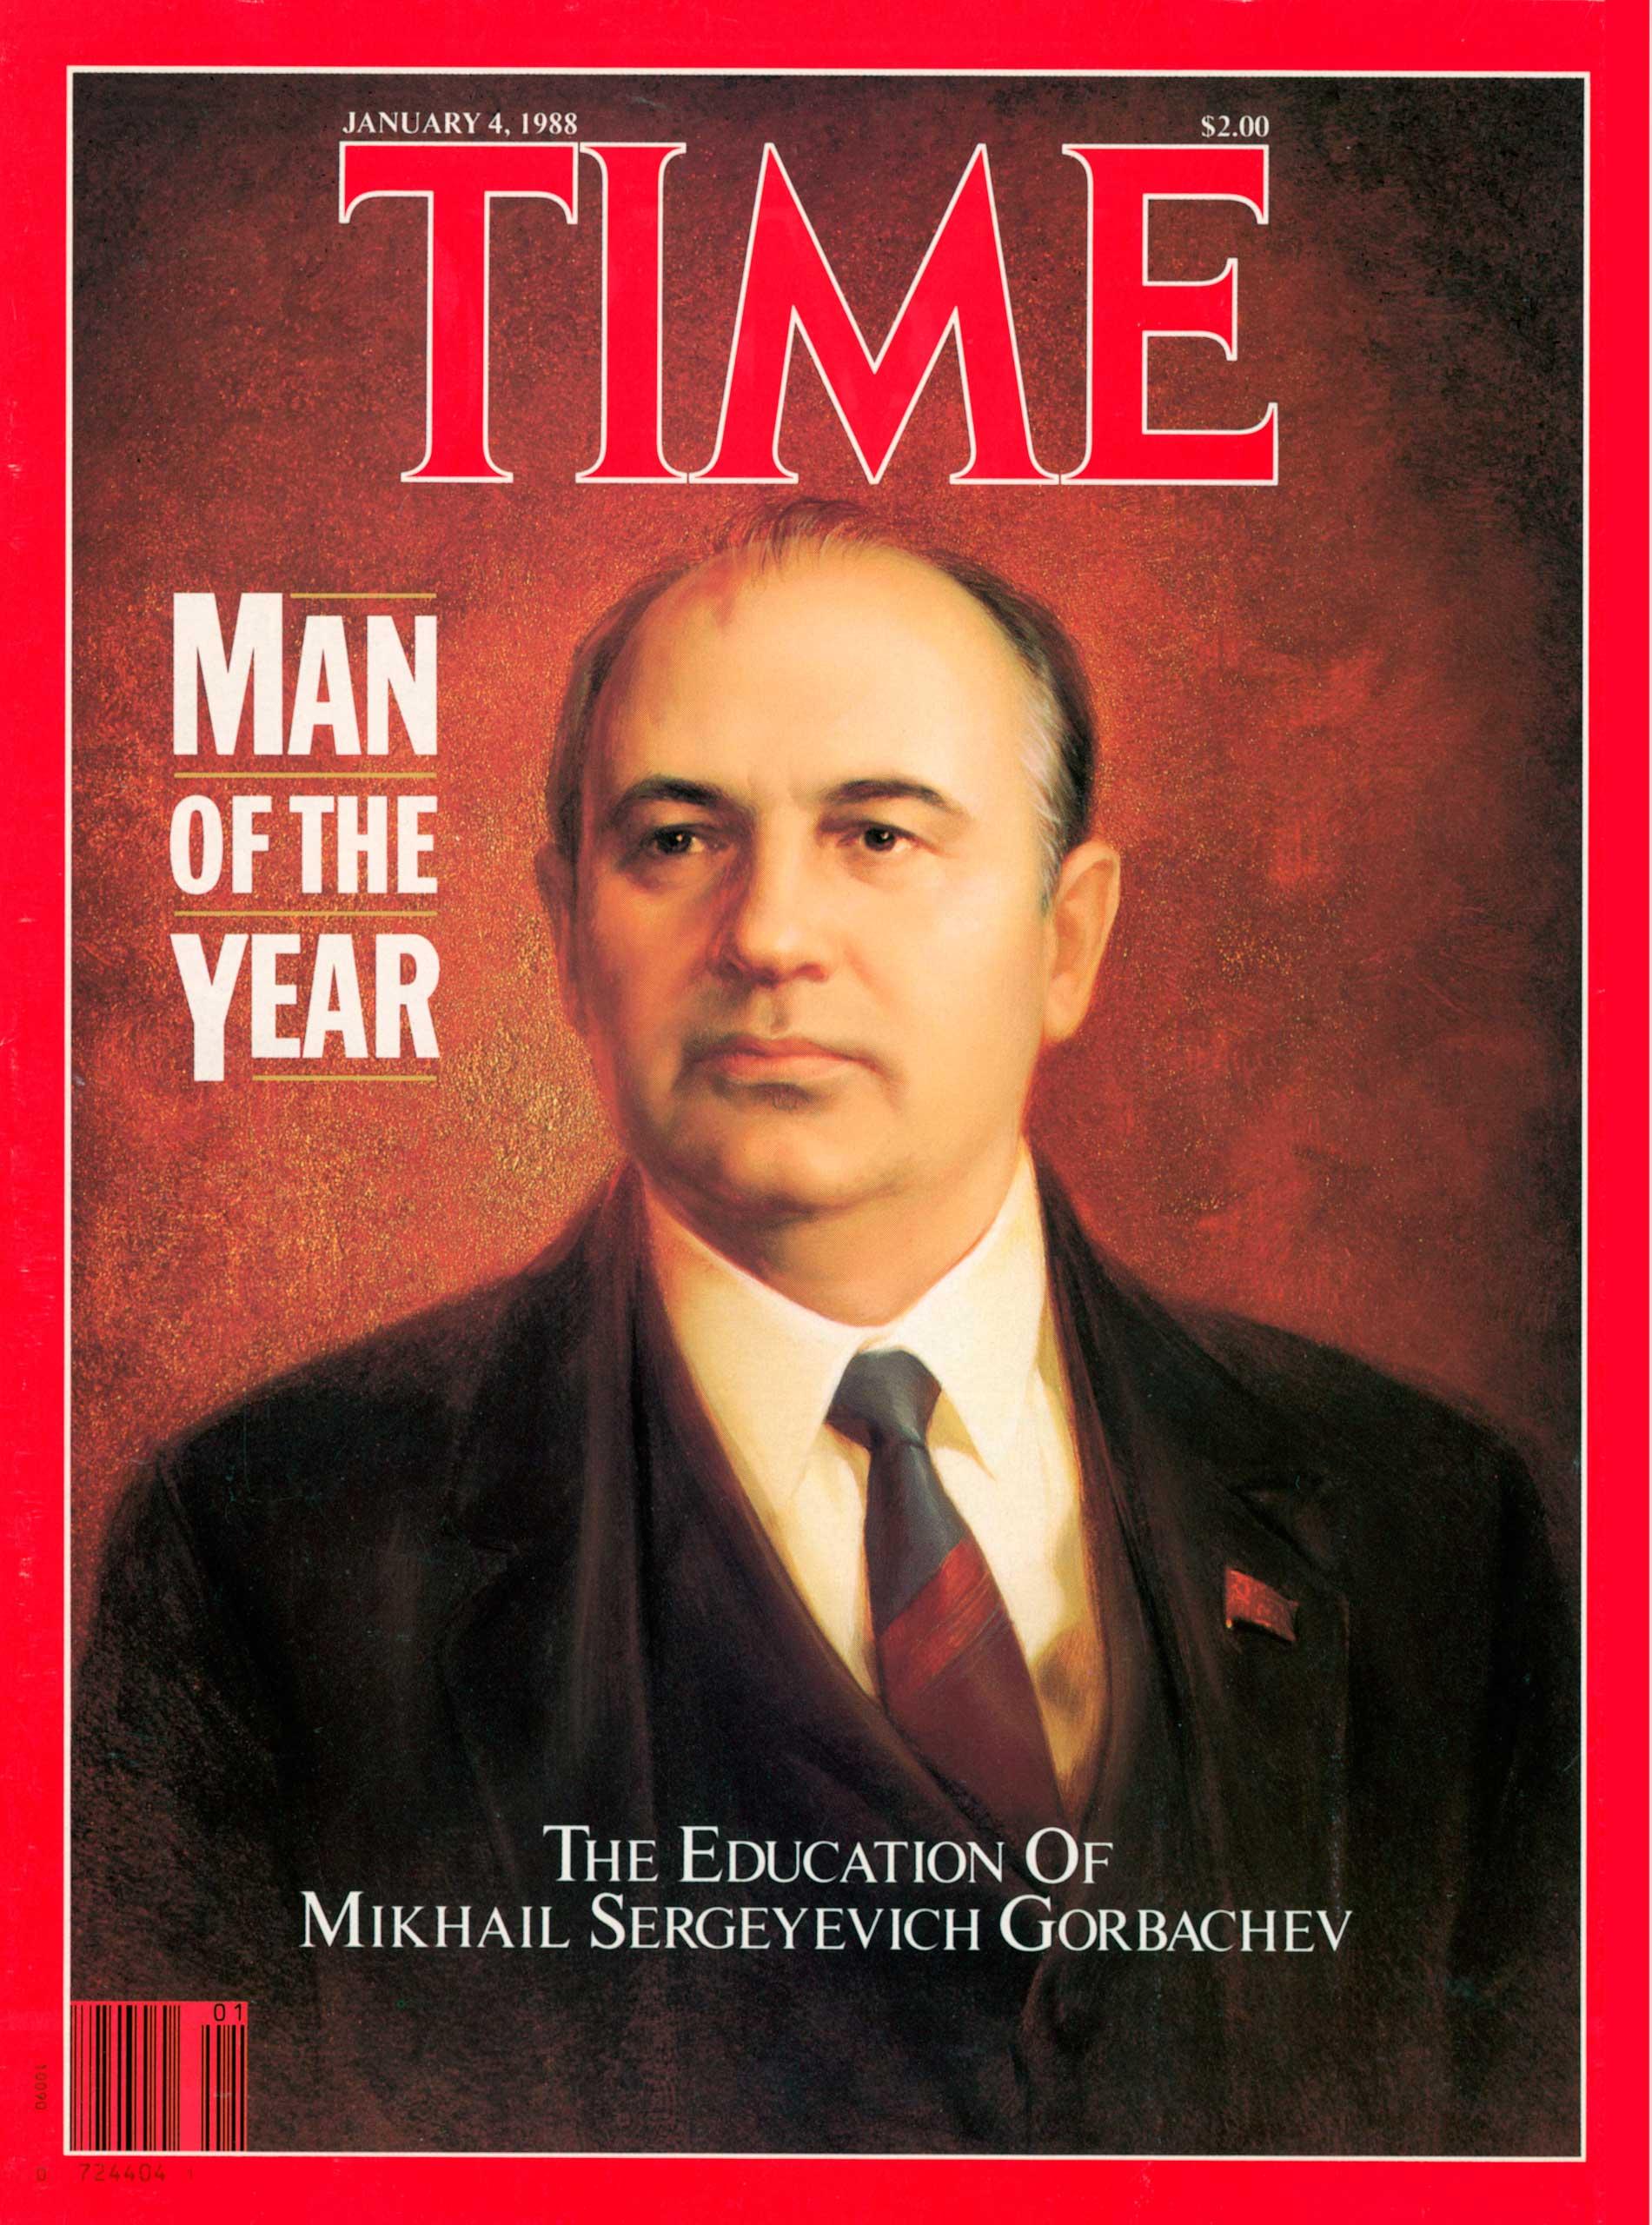 1987: Mikhail Gorbachev